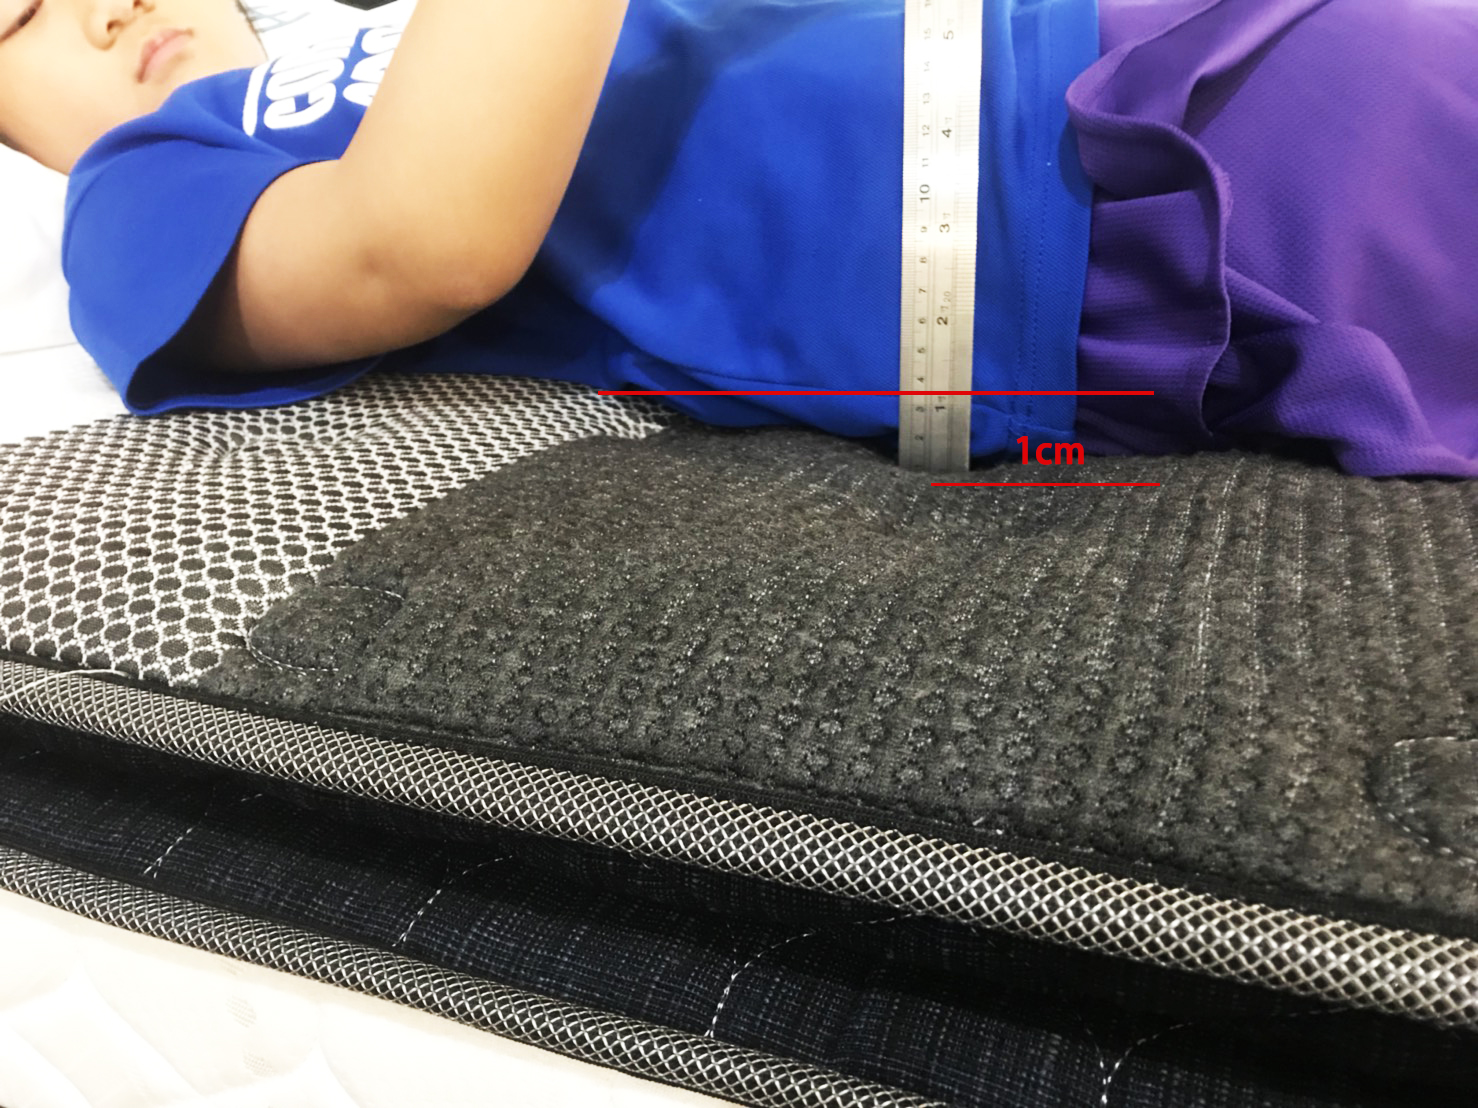 測試床墊時,讓兒童躺上墊後,床墊被壓下去的凹陷為1厘米左右就是最理想的狀態了。